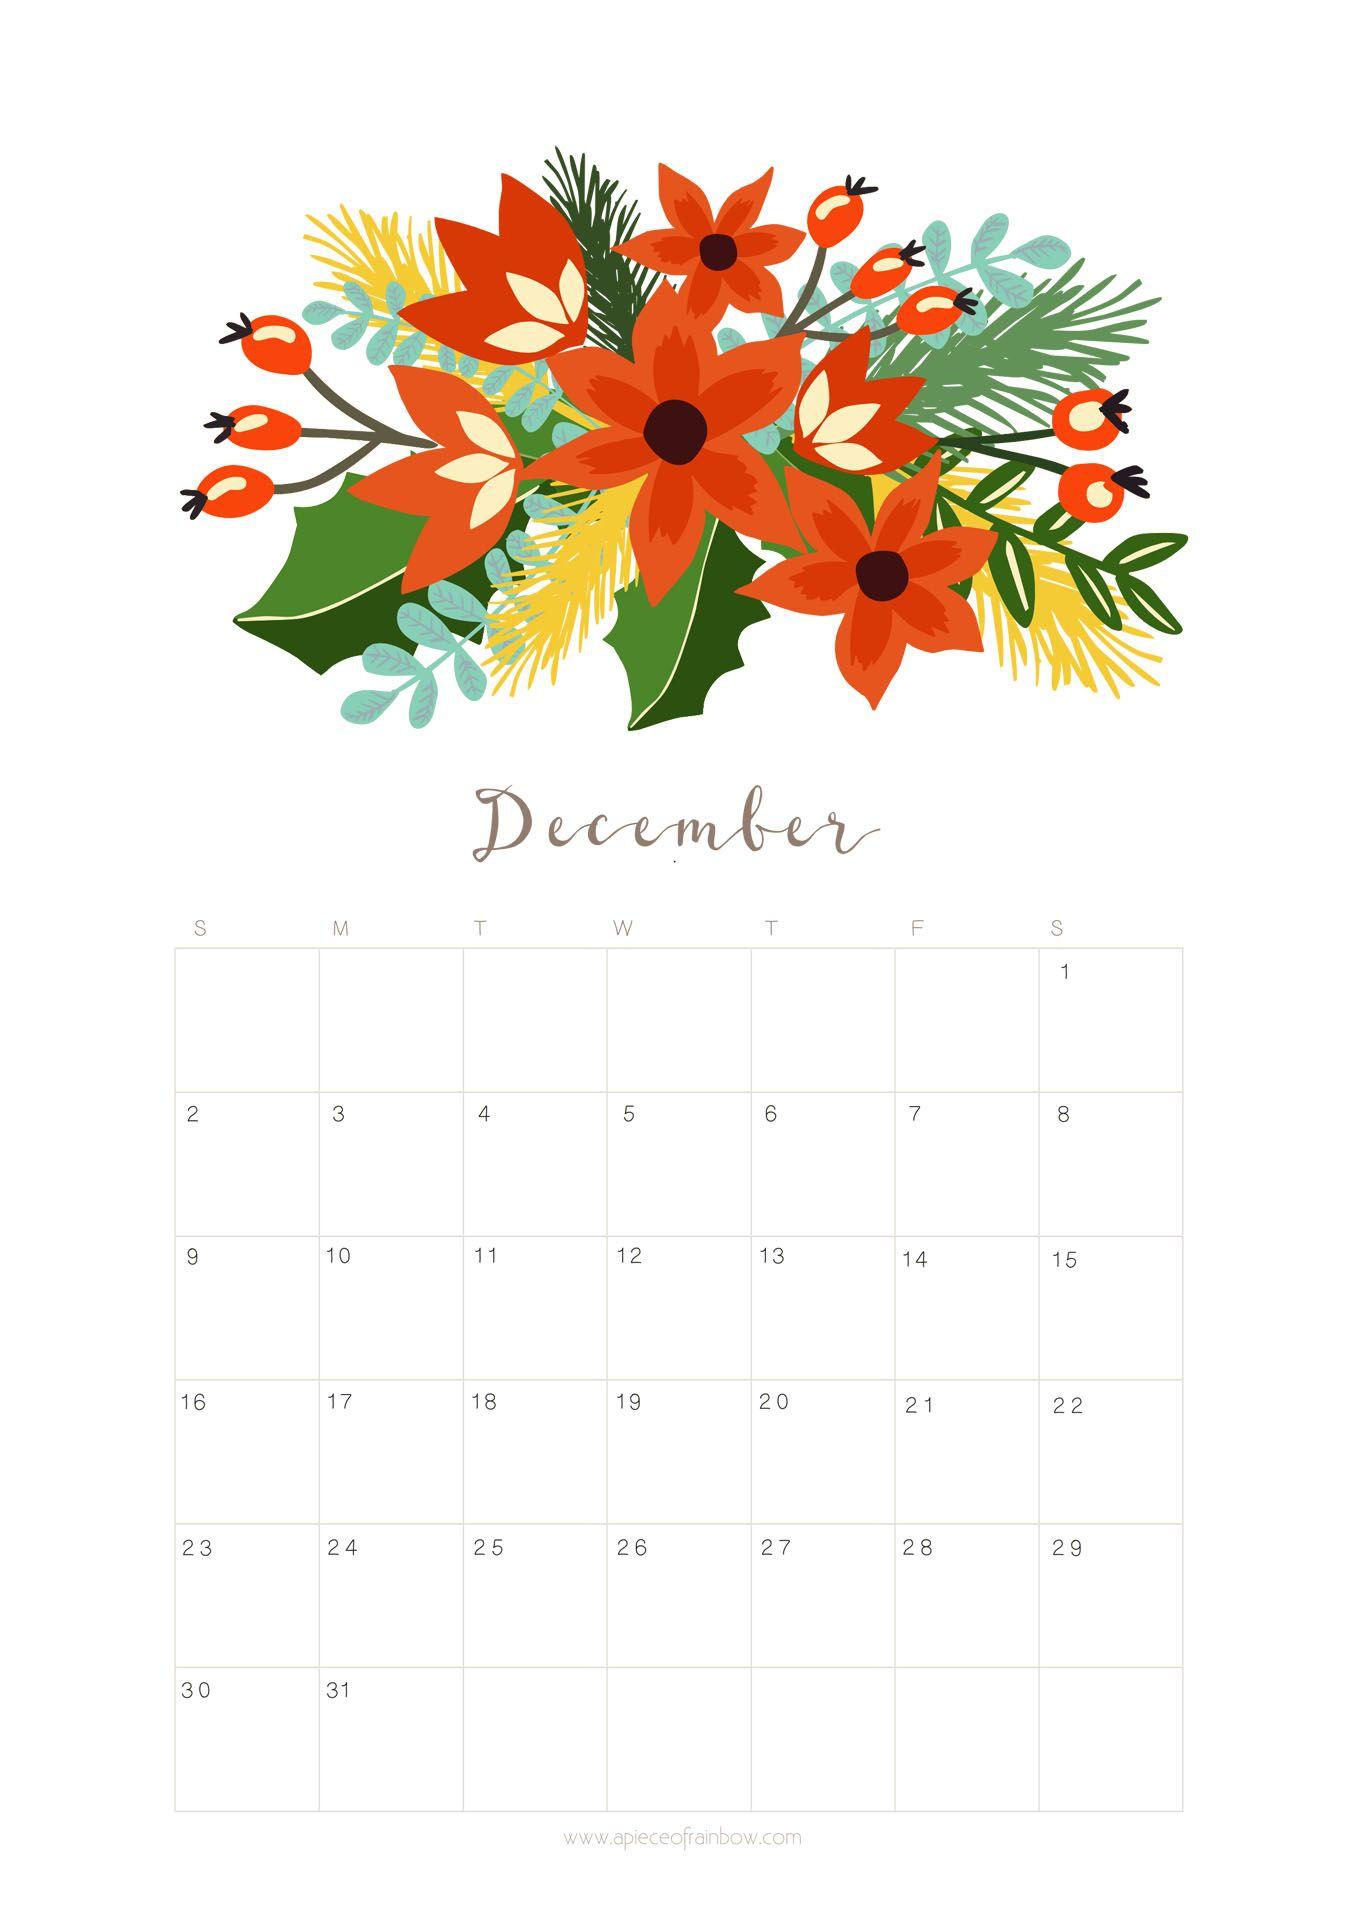 Floral December Calendar 2019 iphone Wallpaper